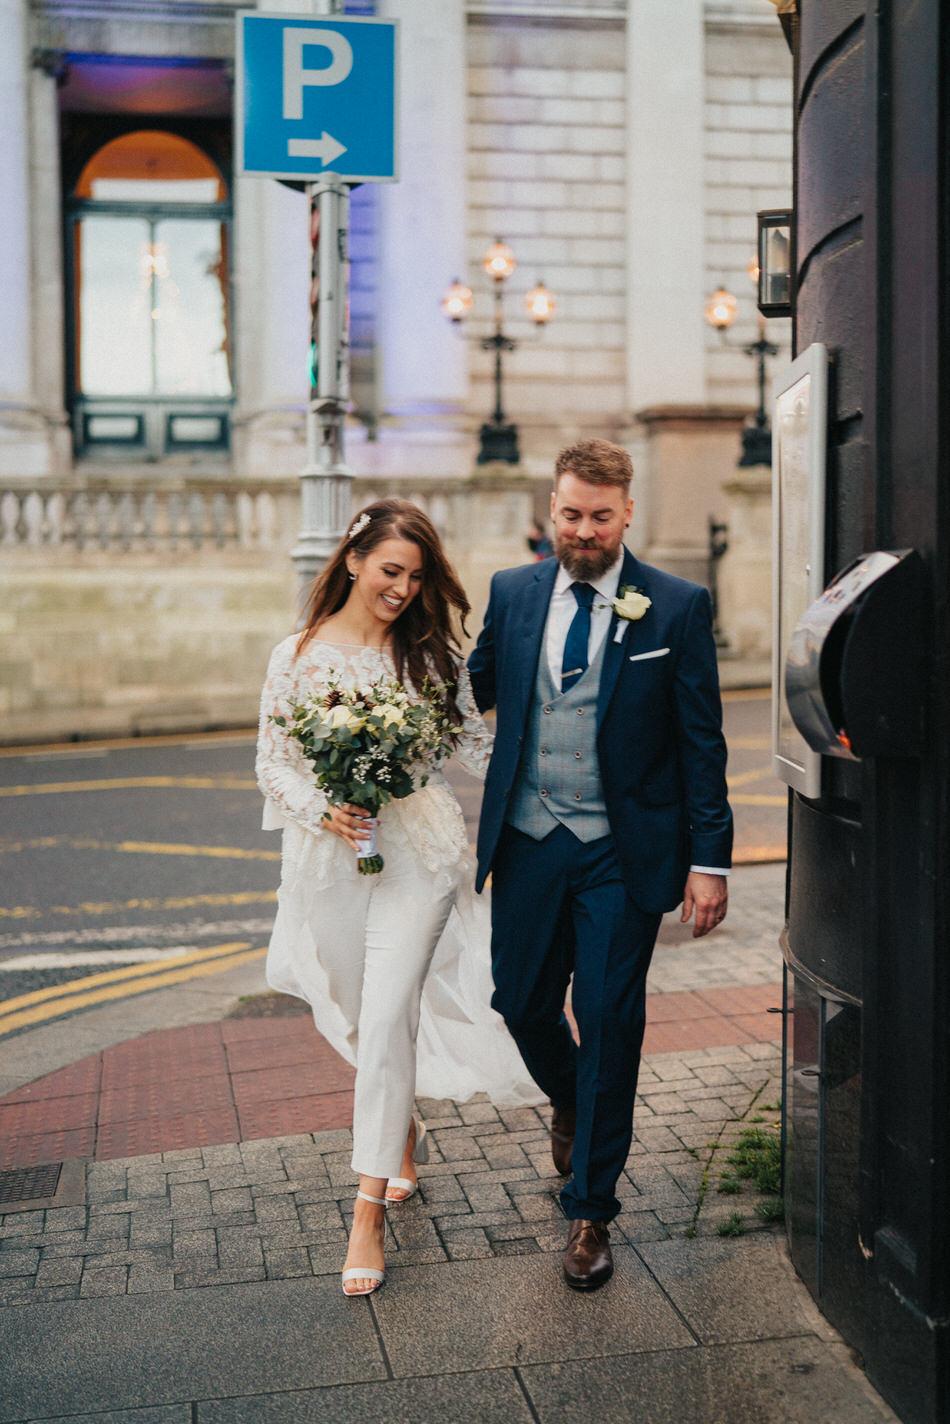 City-hall-dublin-wedding-photos-73 72